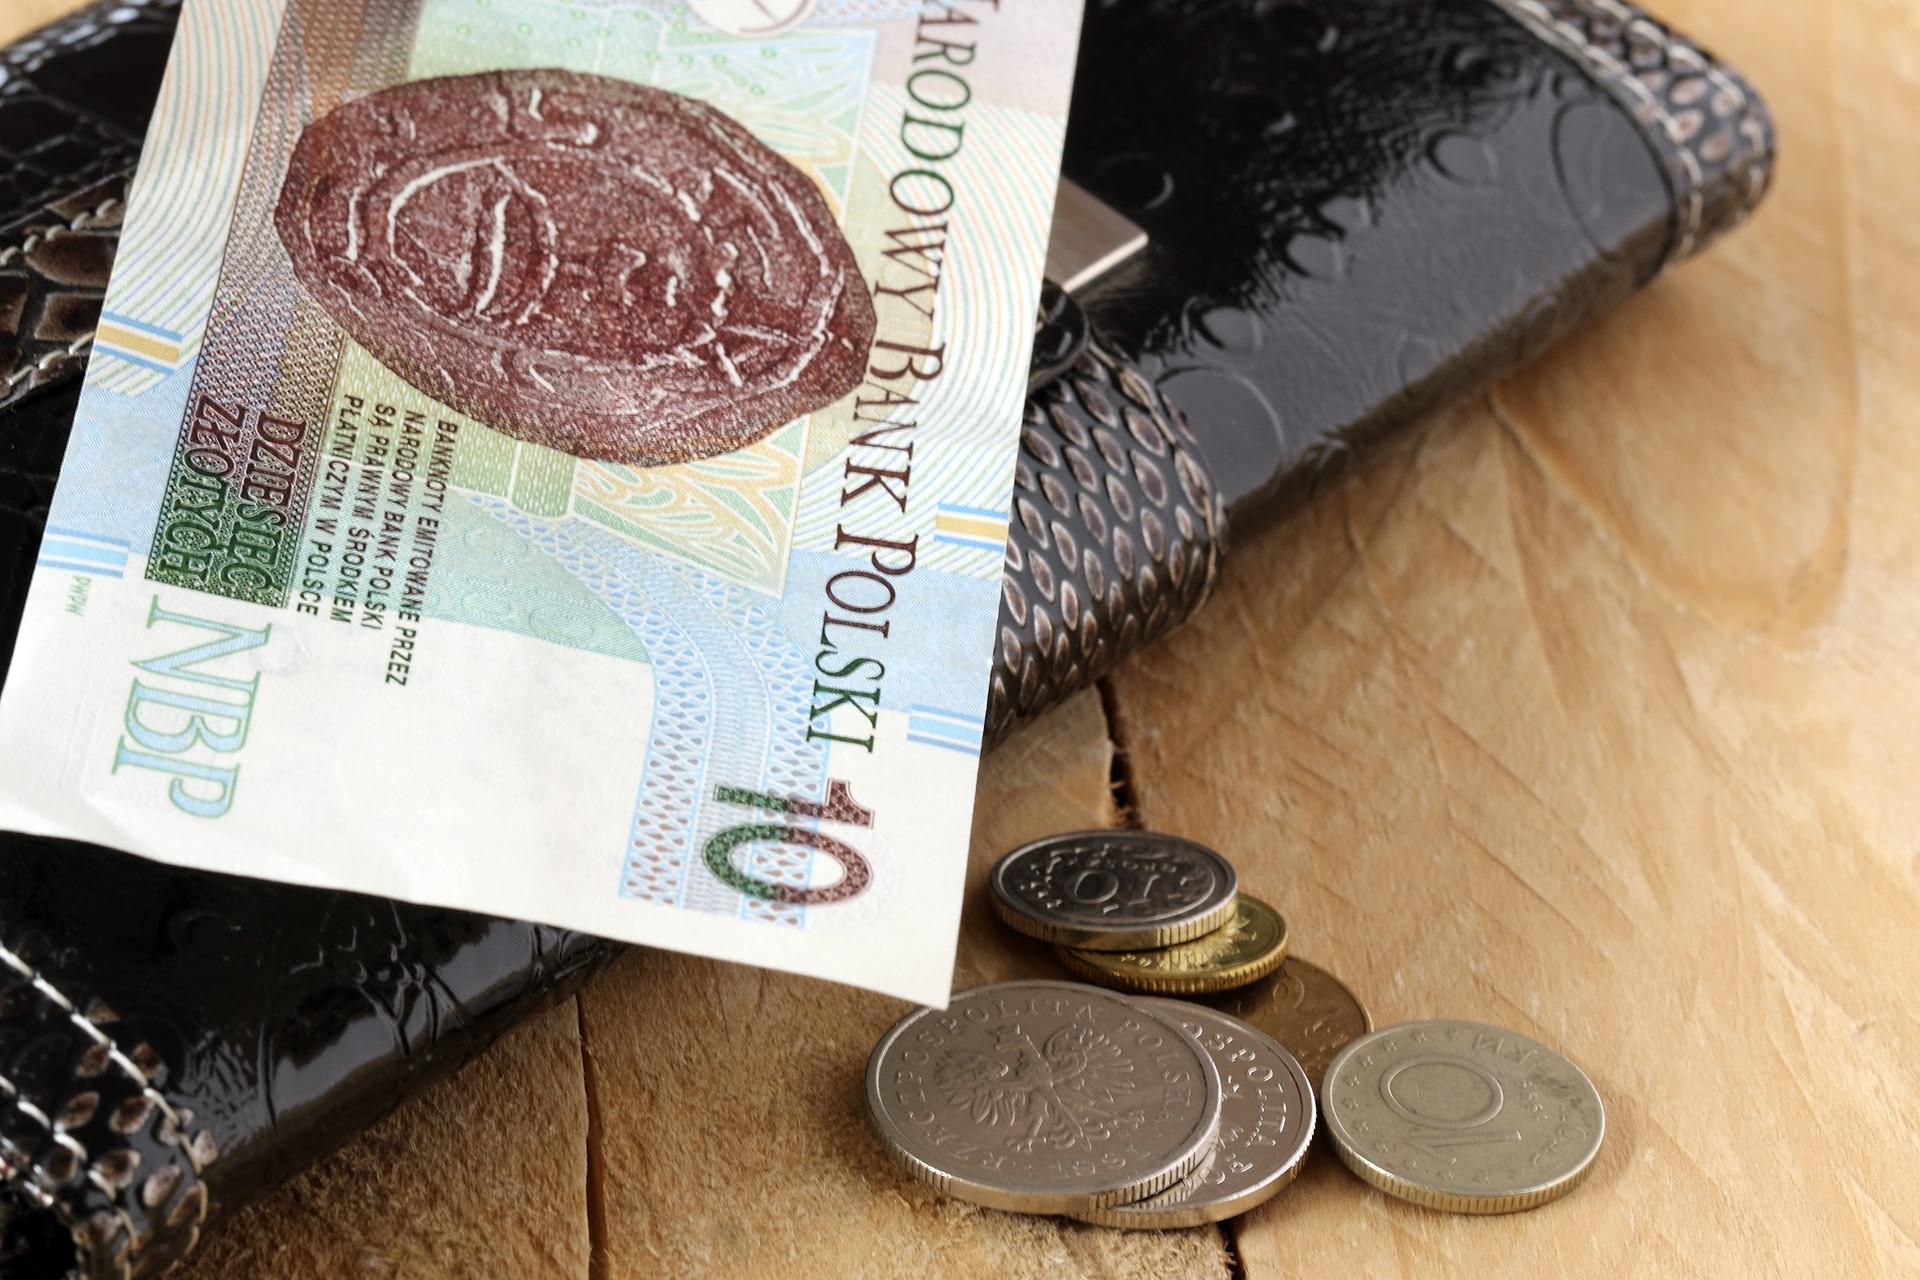 Wzrosną najniższe zarobki. Ile wyniosą od stycznia? - Zdjęcie główne